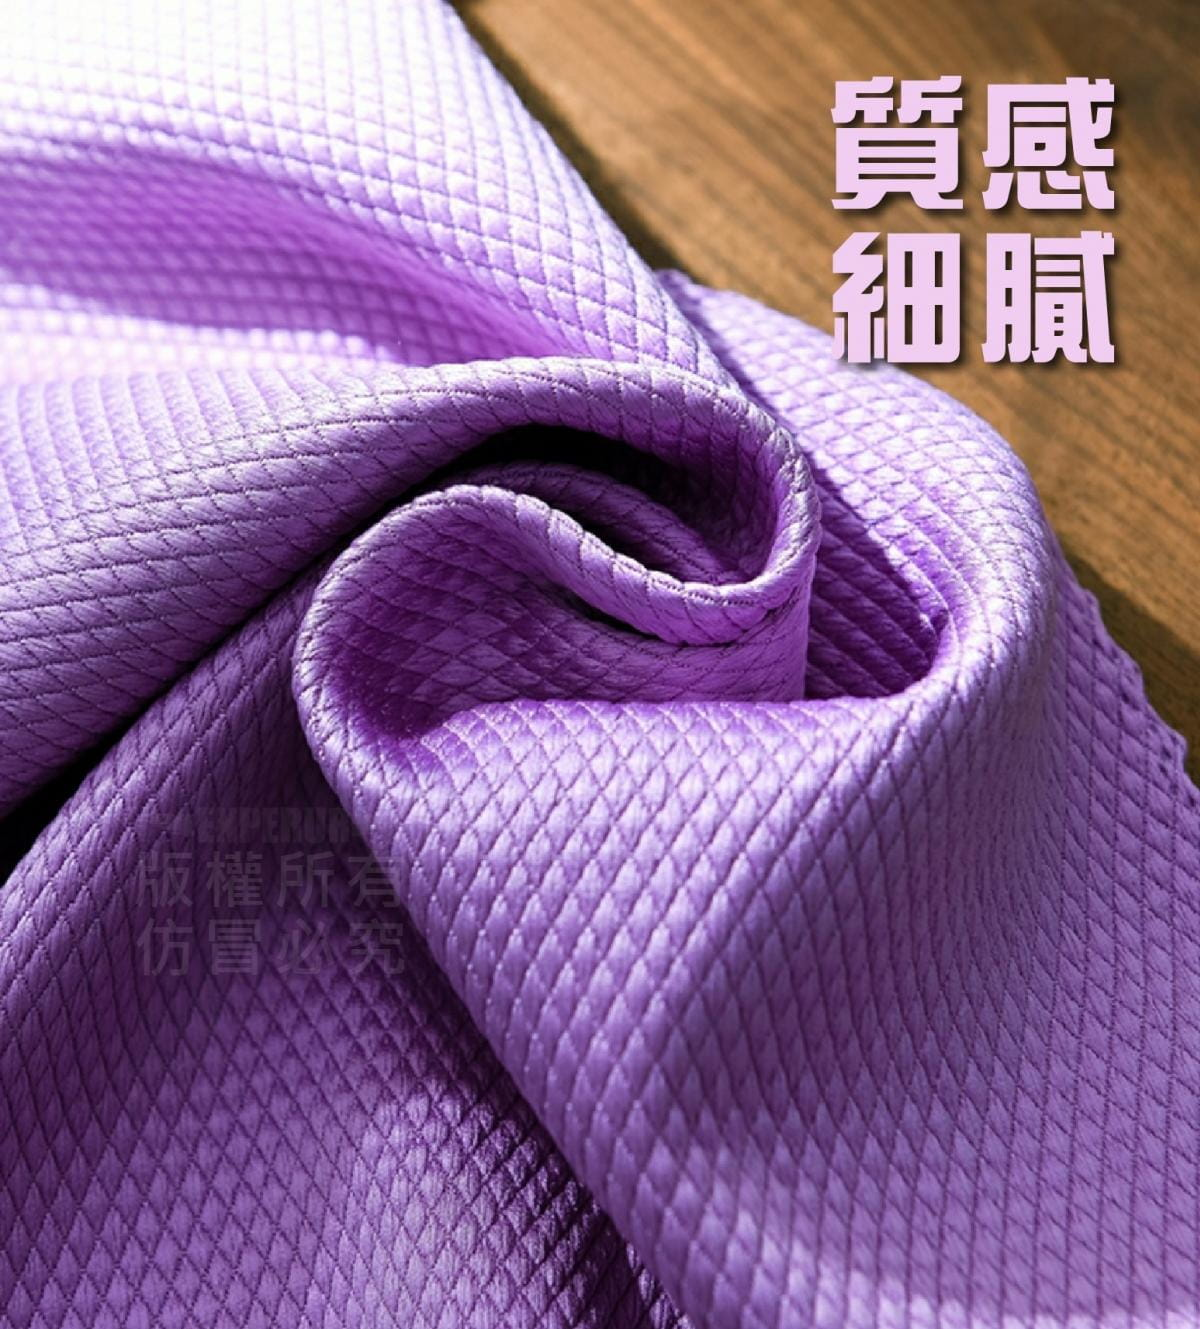 魚鱗紋抹布(20入) 4